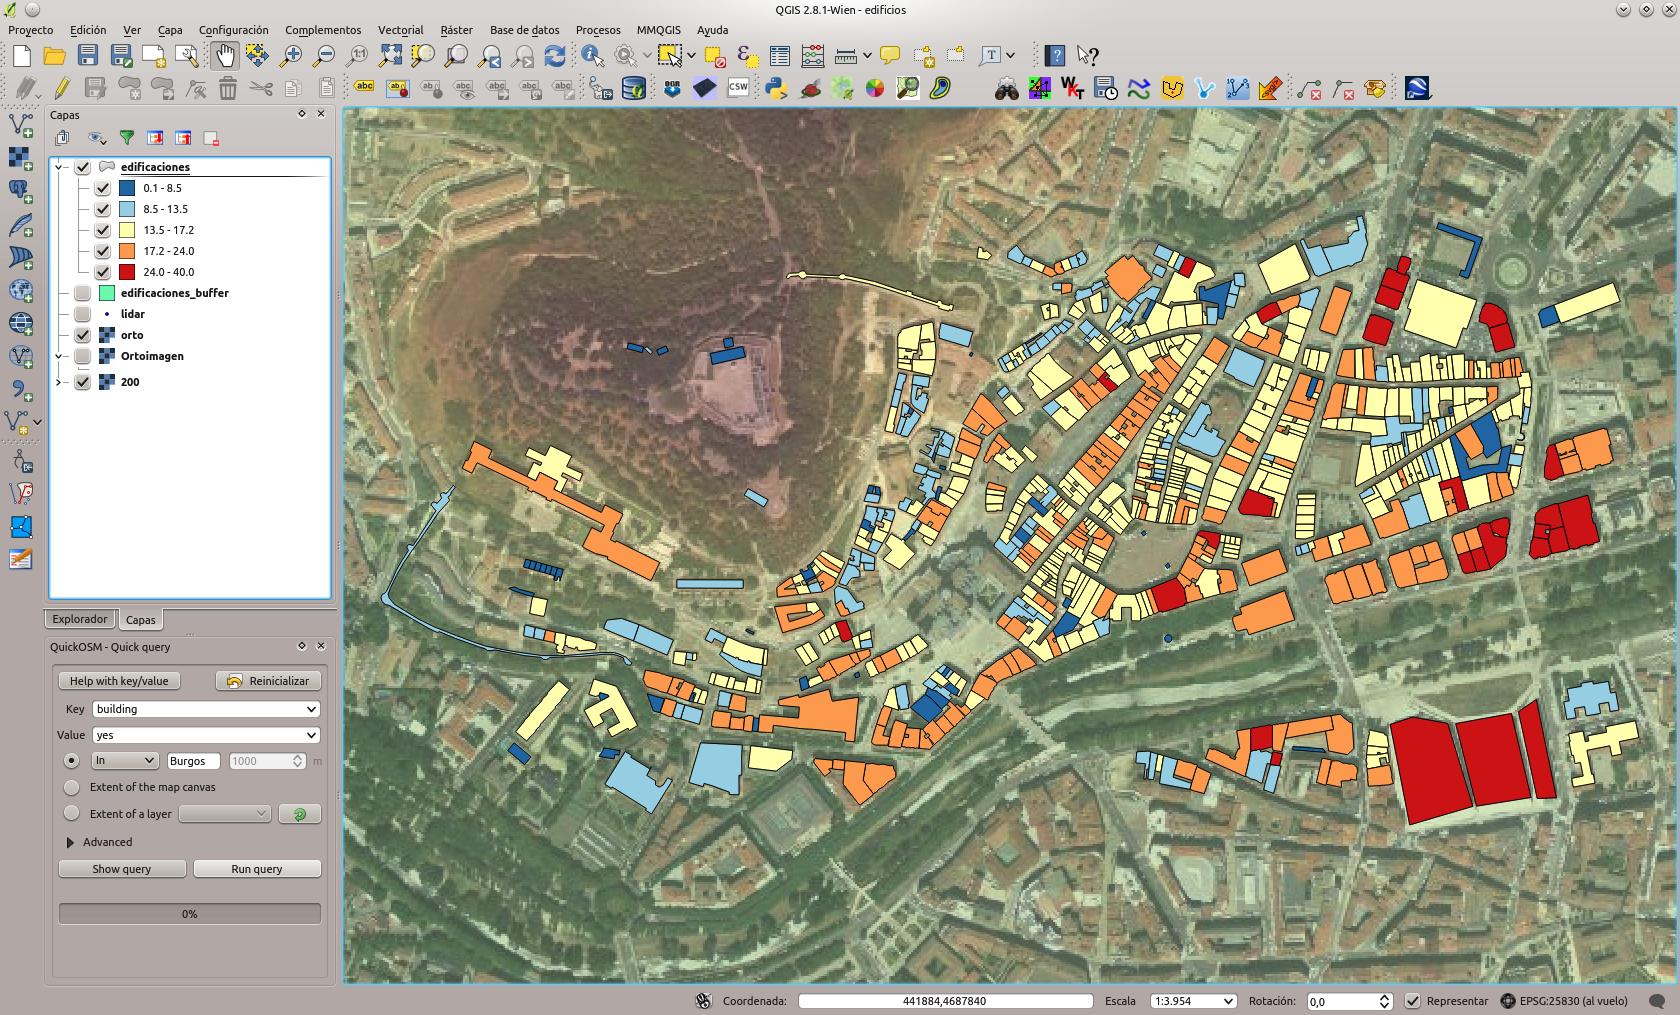 El fin es obtener un sencillo modelo urbano LoD1 a partir de datos altimétricos LiDAR.